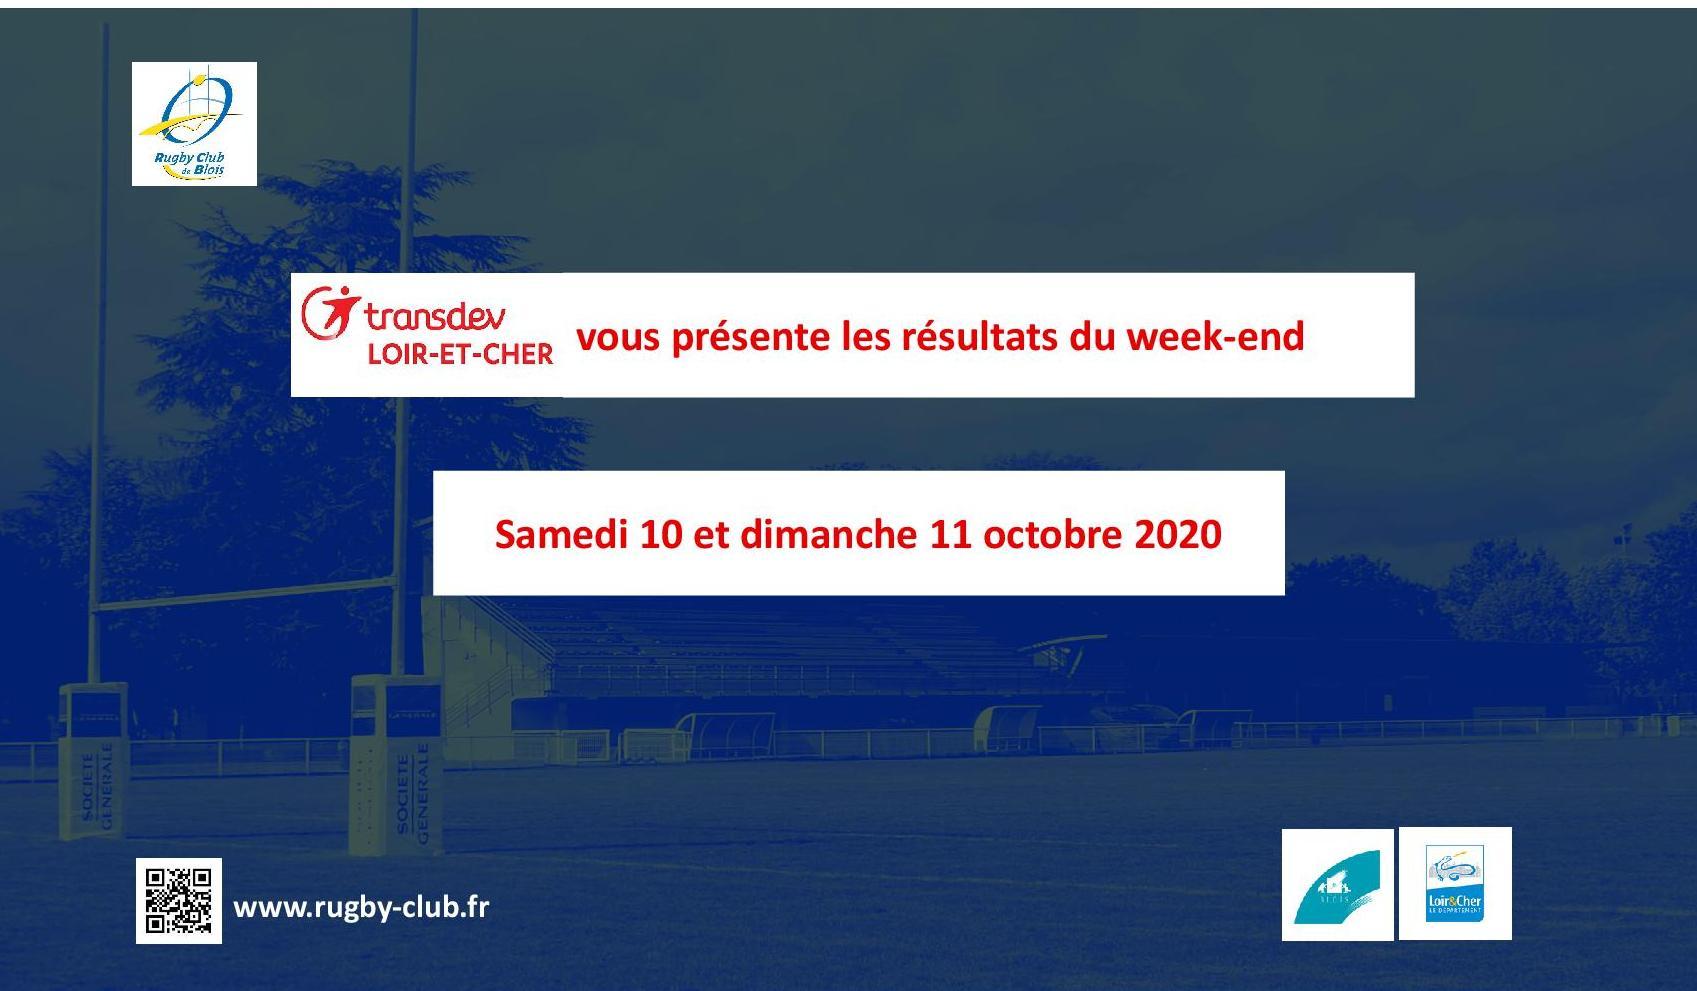 RC Blois : Les résultats du Week-End des 10 et 11 octobre 2020